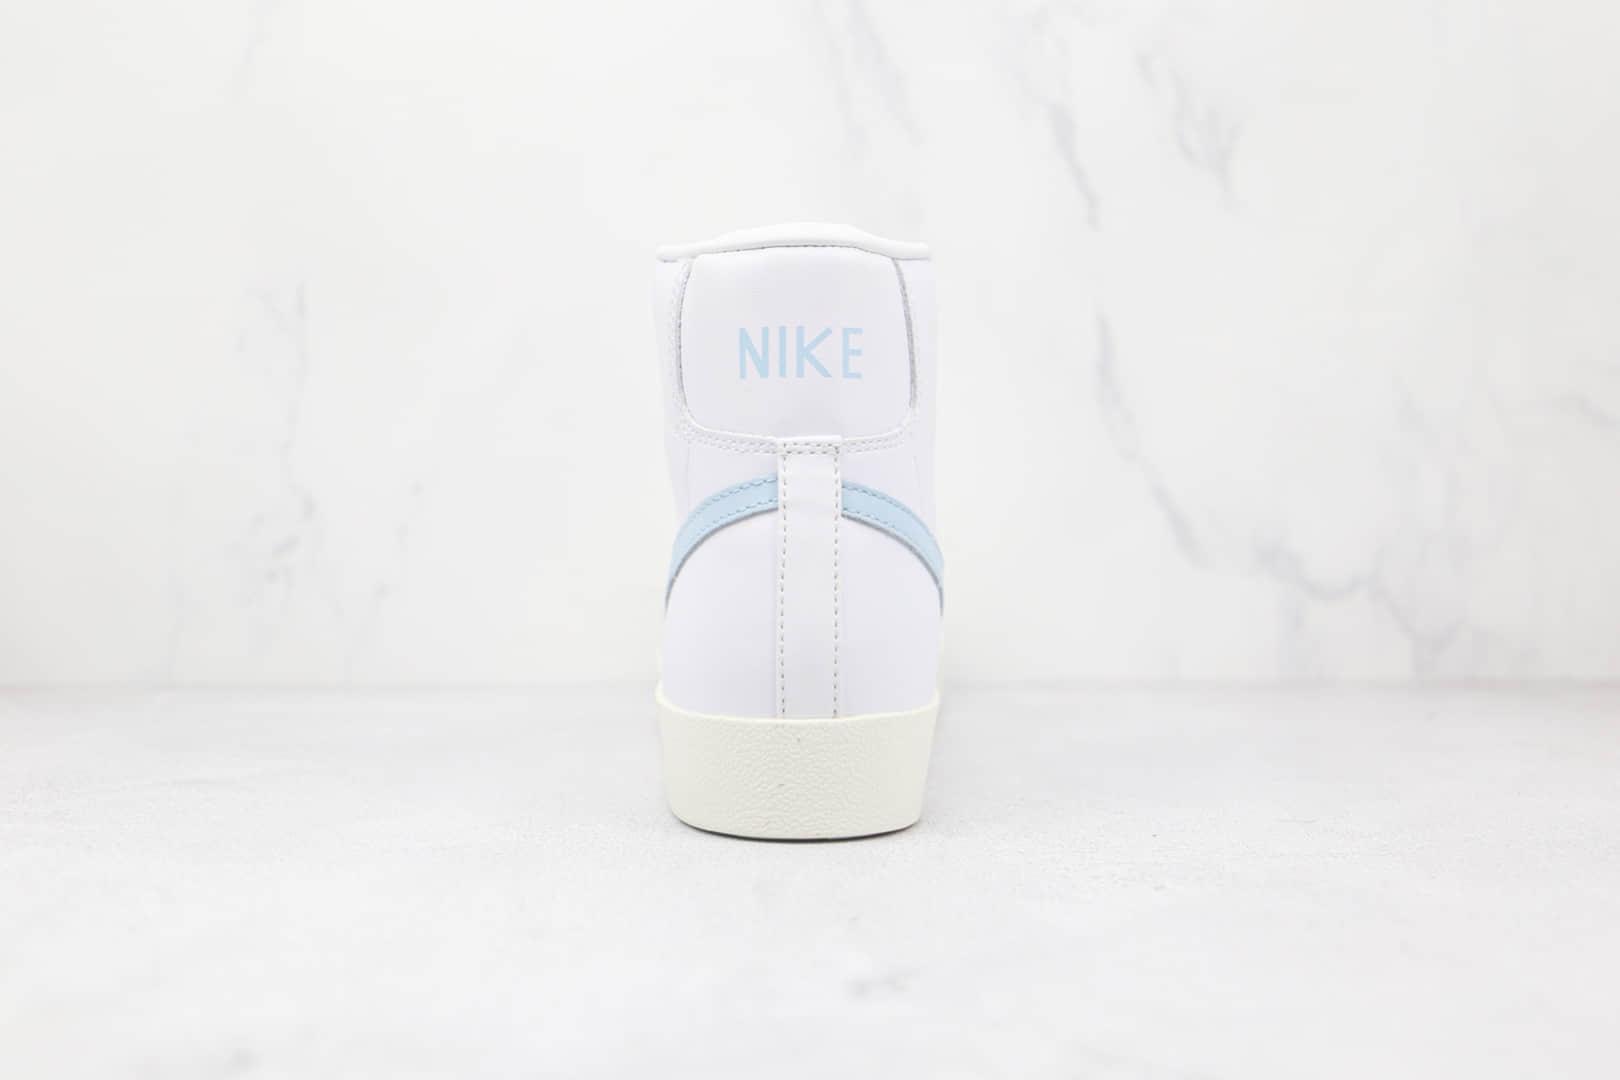 耐克NIKE Blazer MID'77 VNTG纯原版本高帮开拓者白蓝色板鞋原楦头纸板打造 货号:BQ6806-109